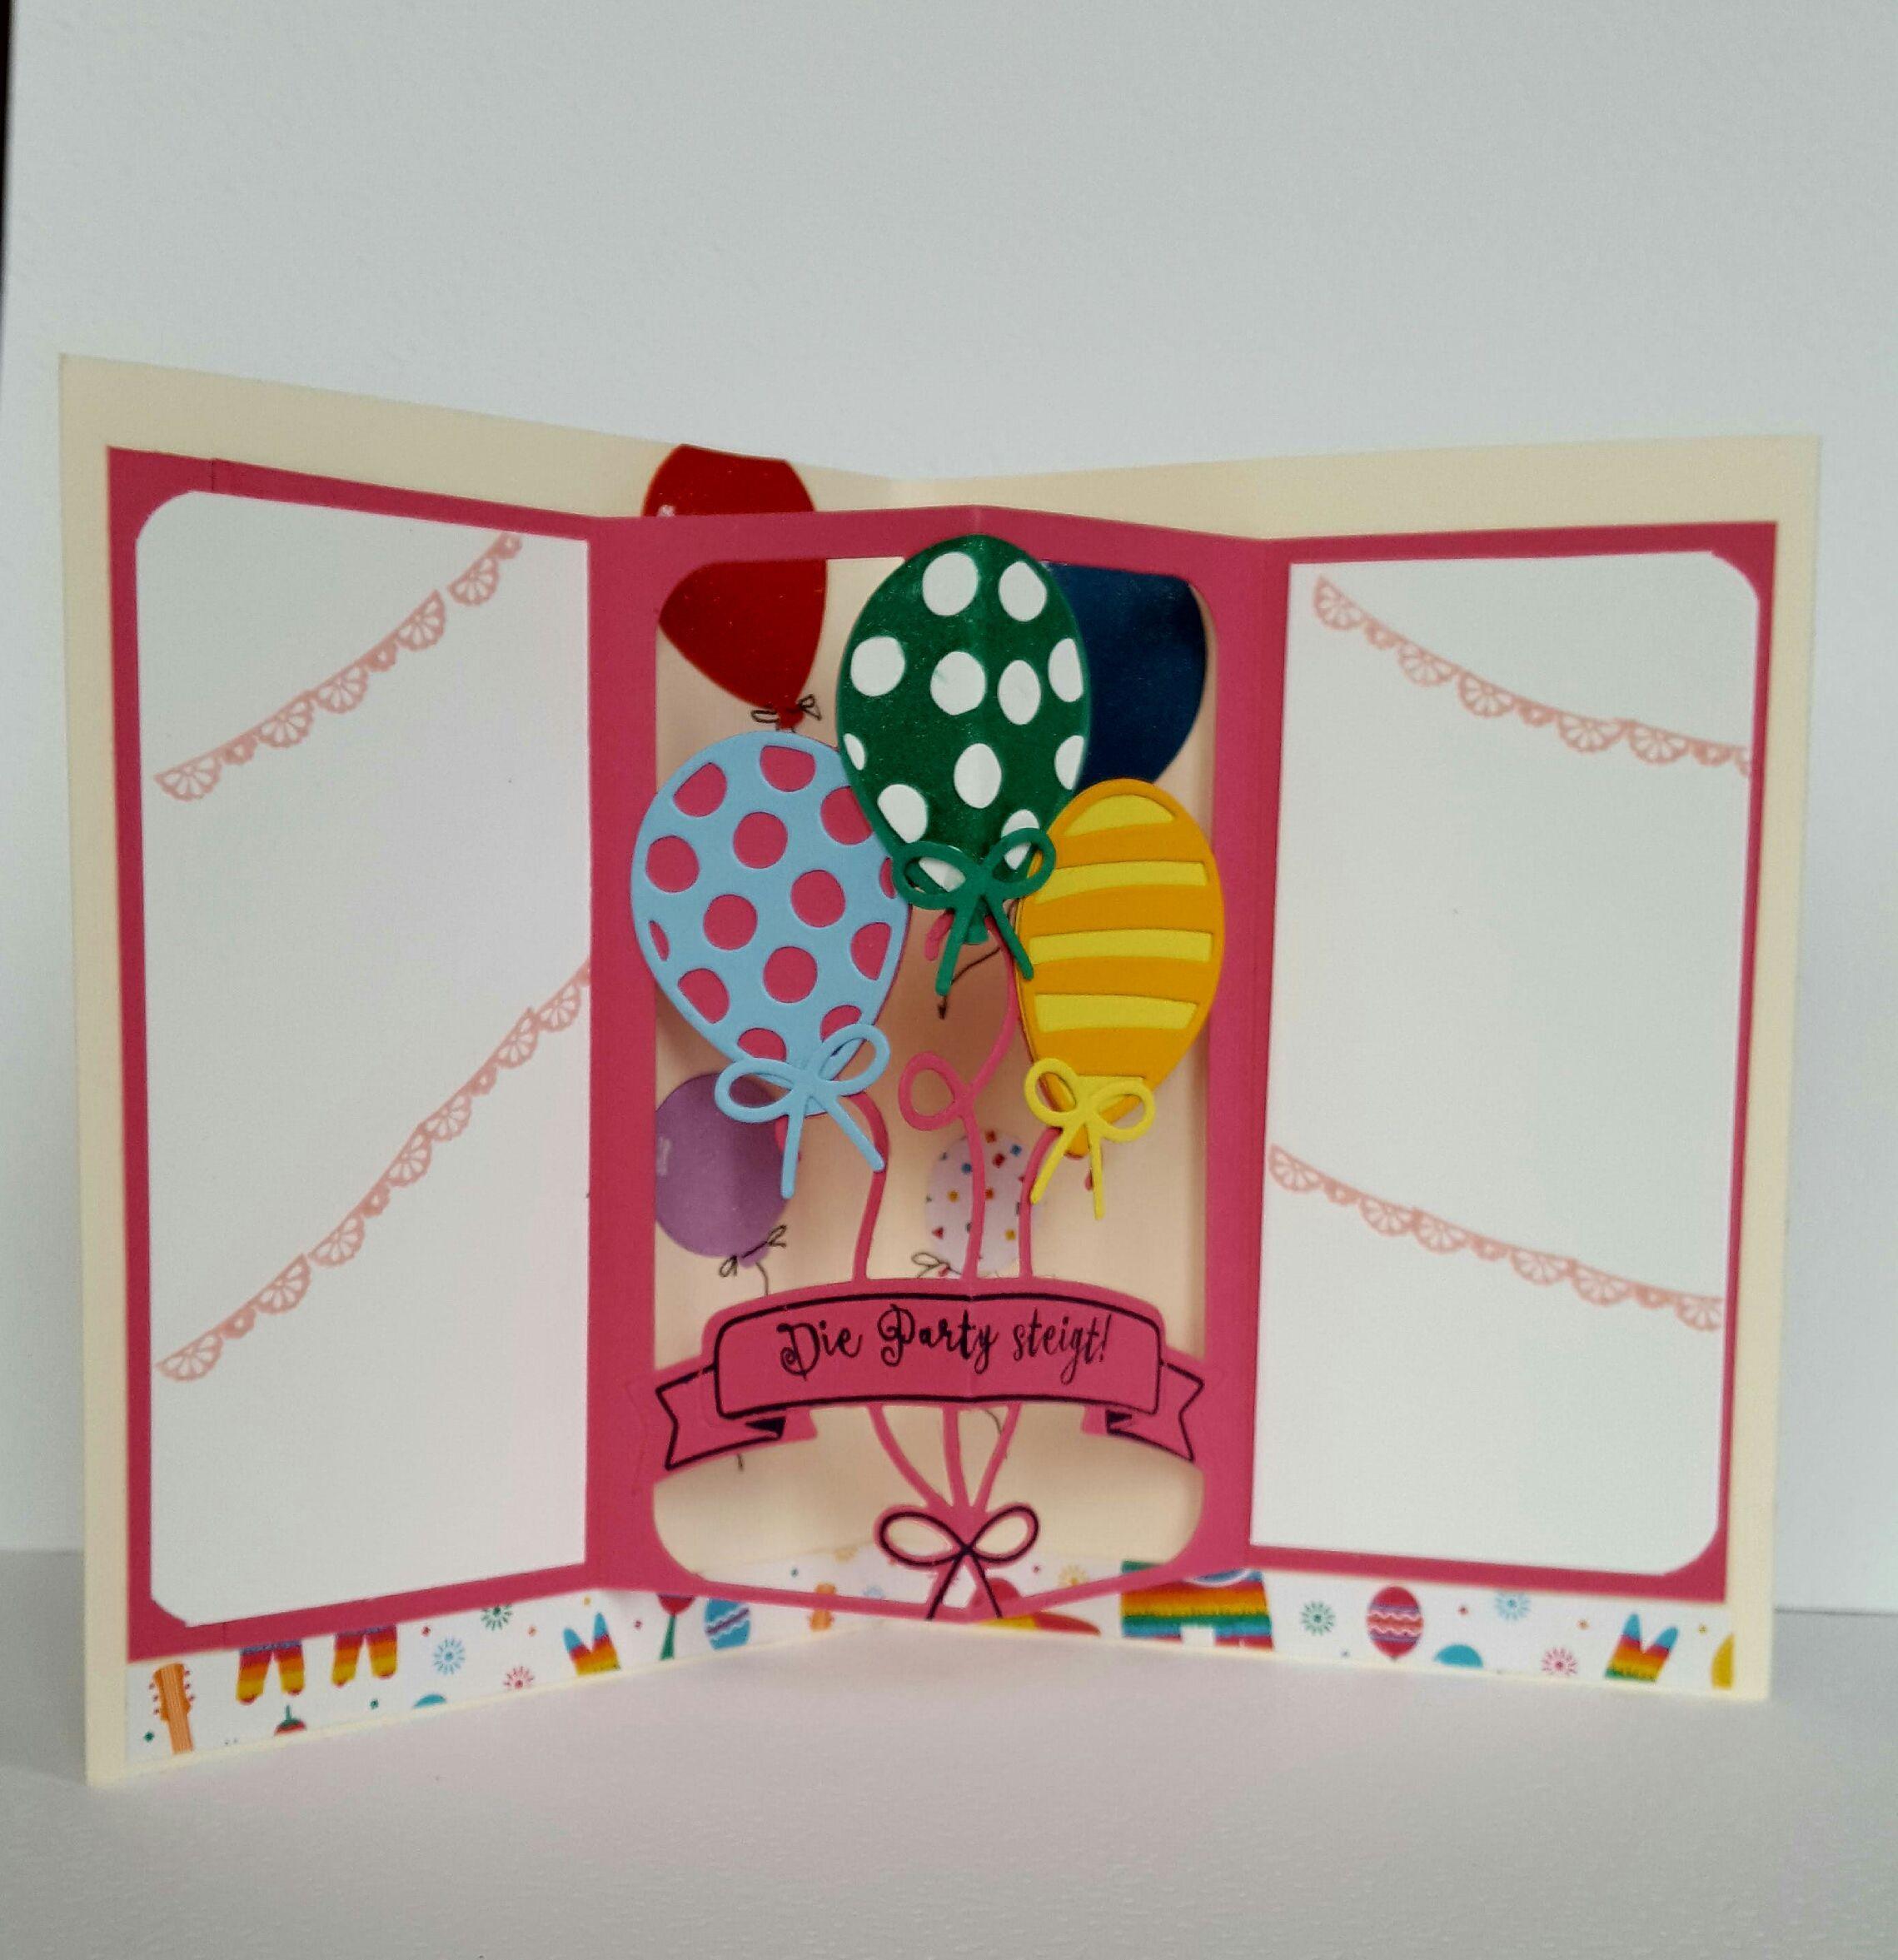 Pop Up Karten Basteln Stampin Up Pop Up Karten Basteln Vorlagen